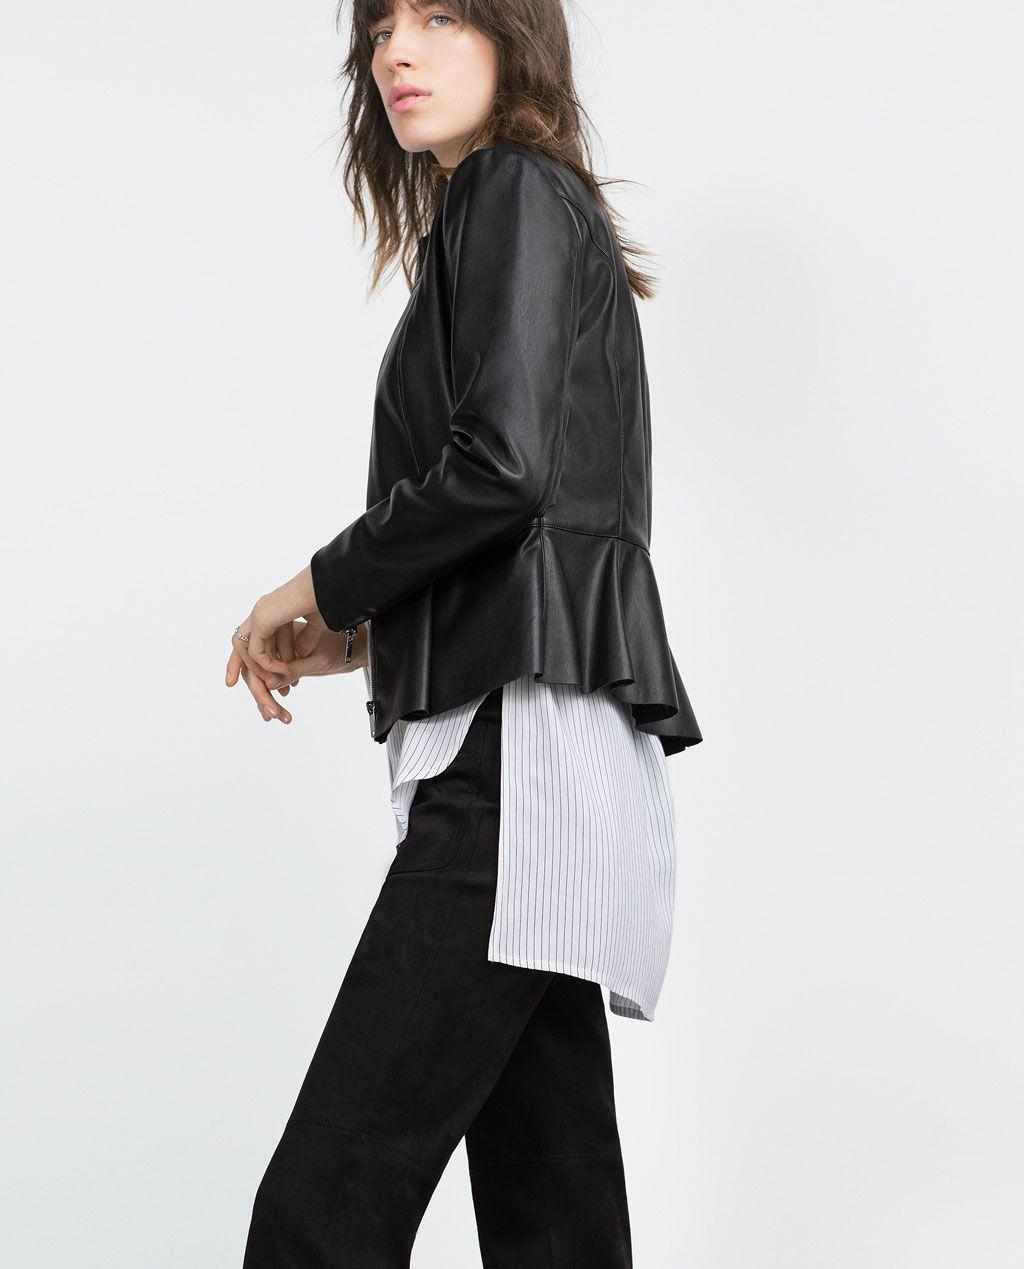 nuovo concetto 0a0b7 0e8e6 Immagine 3 di GIUBBOTTO EFFETTO PELLE BASCHINA di Zara ...